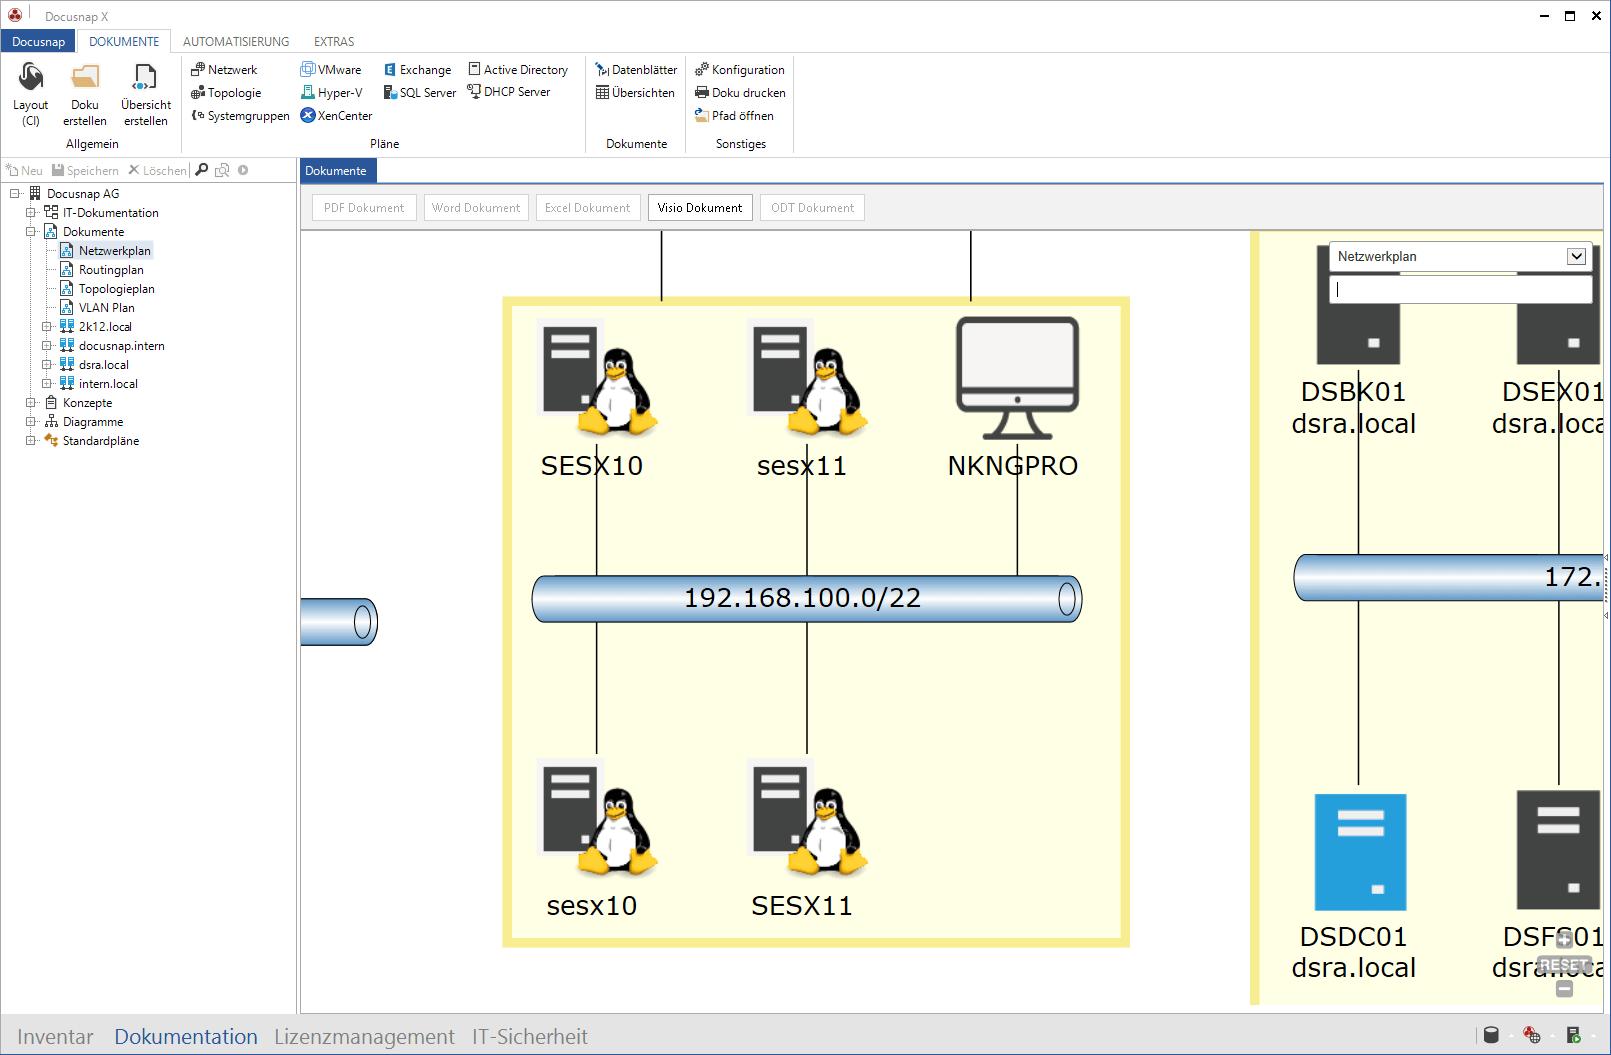 Linux Inventarisierung und Linux Netzwerkplan